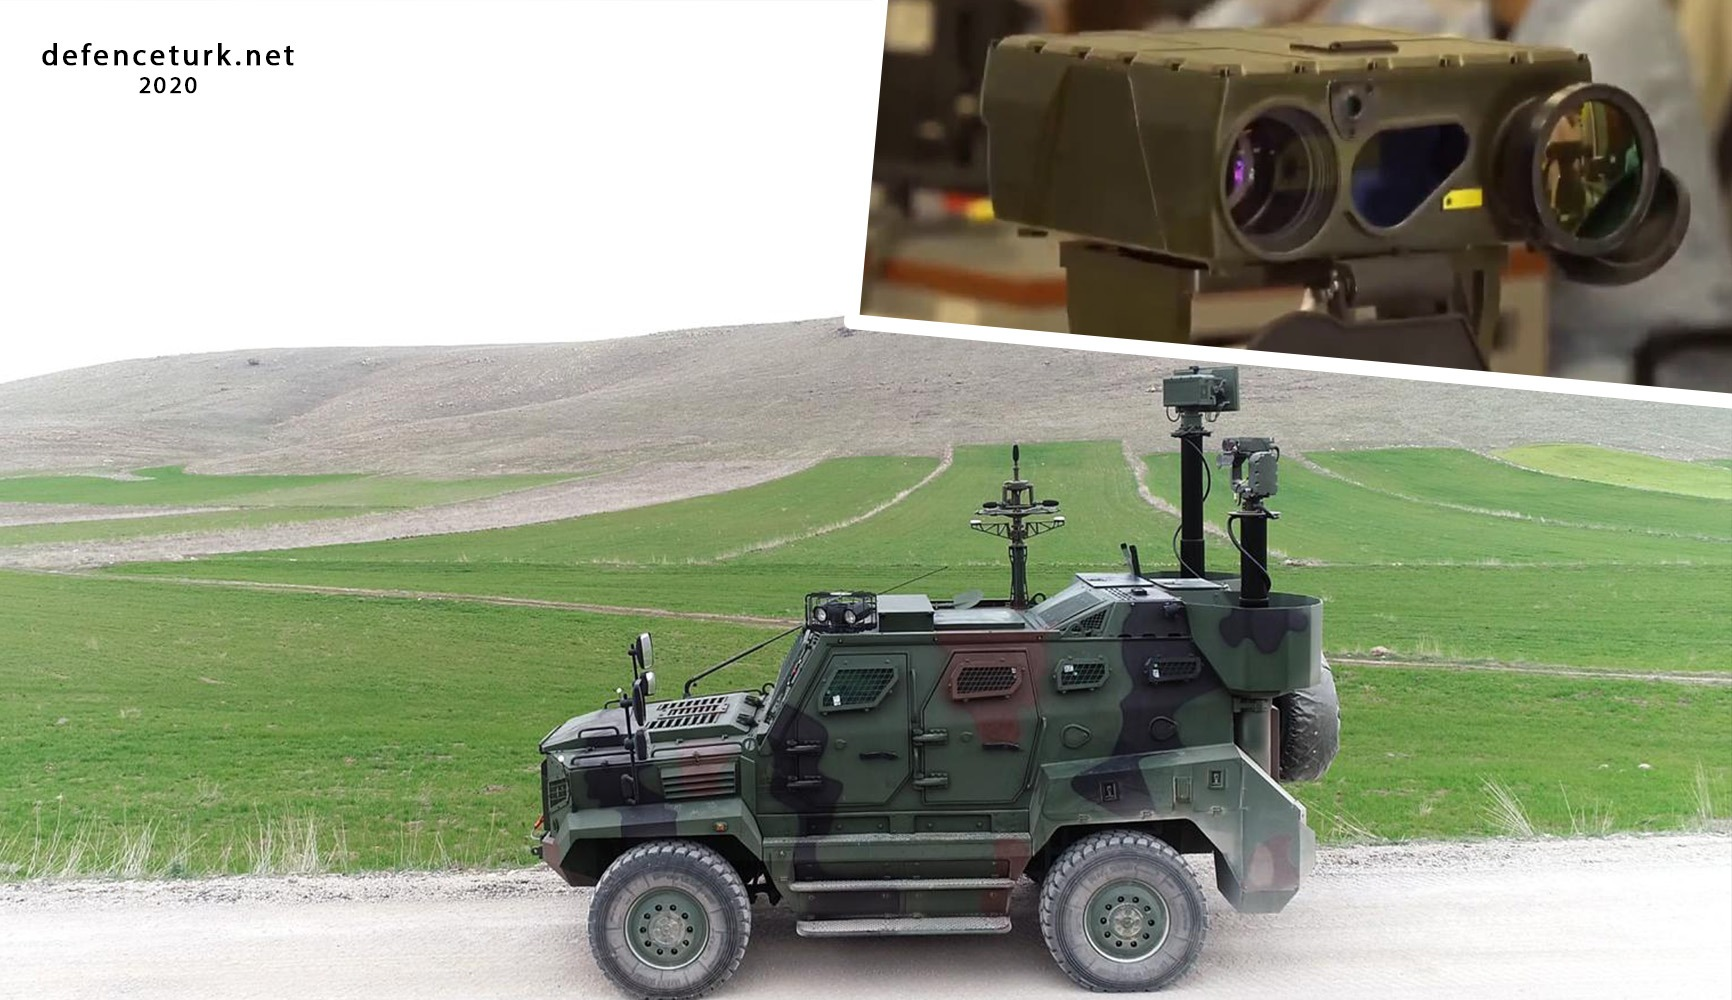 Jandarma'ya Şahingözü-OD Termal Kameraların ilk teslimatı yapıldı